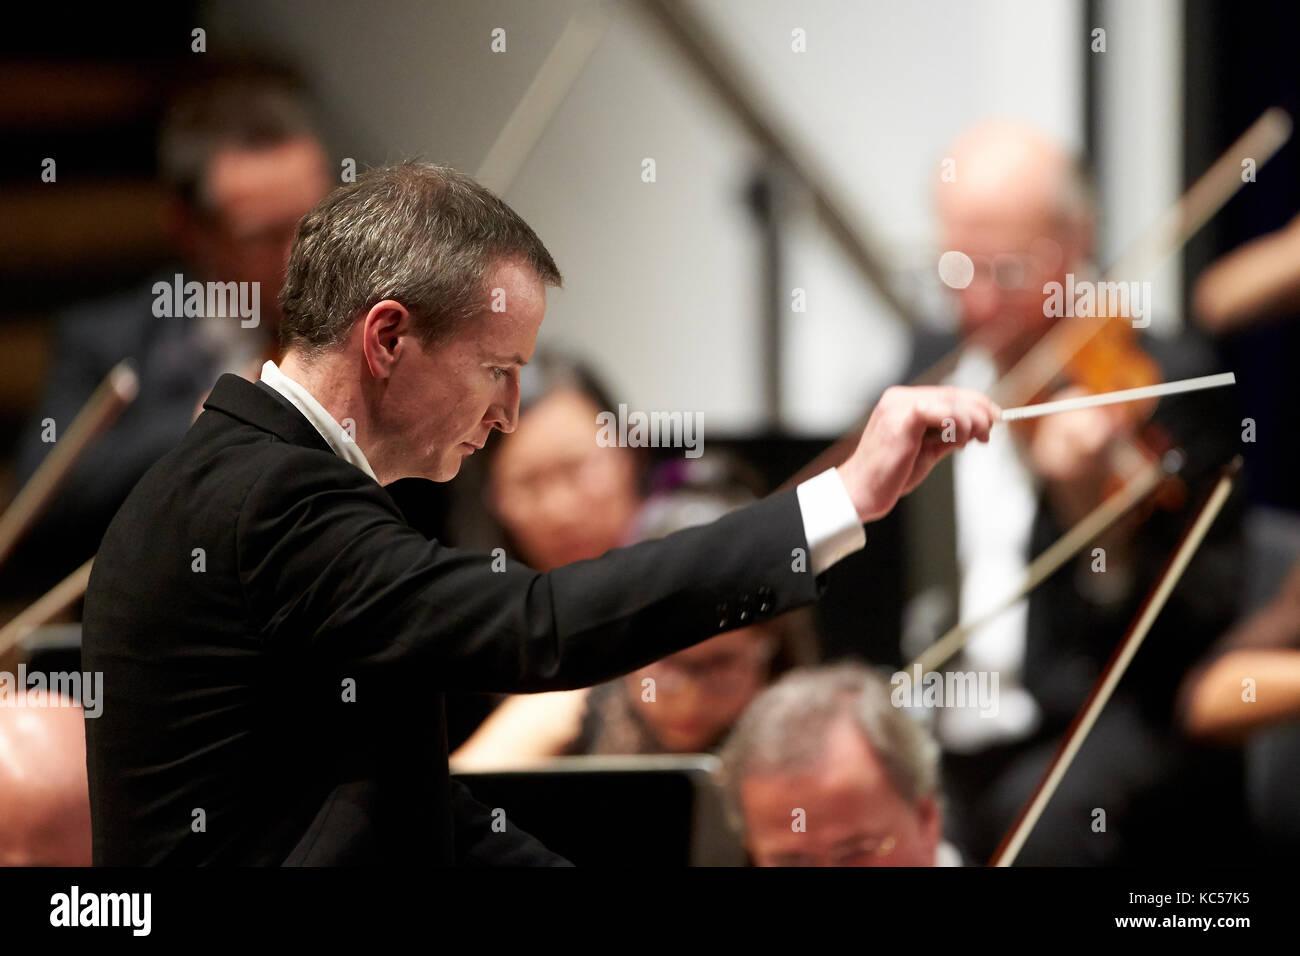 Principal Conductor Garry Walker conducts, Staatsorchester Rheinische Philharmonie, Rhein-Mosel-Halle, Koblenz Stock Photo